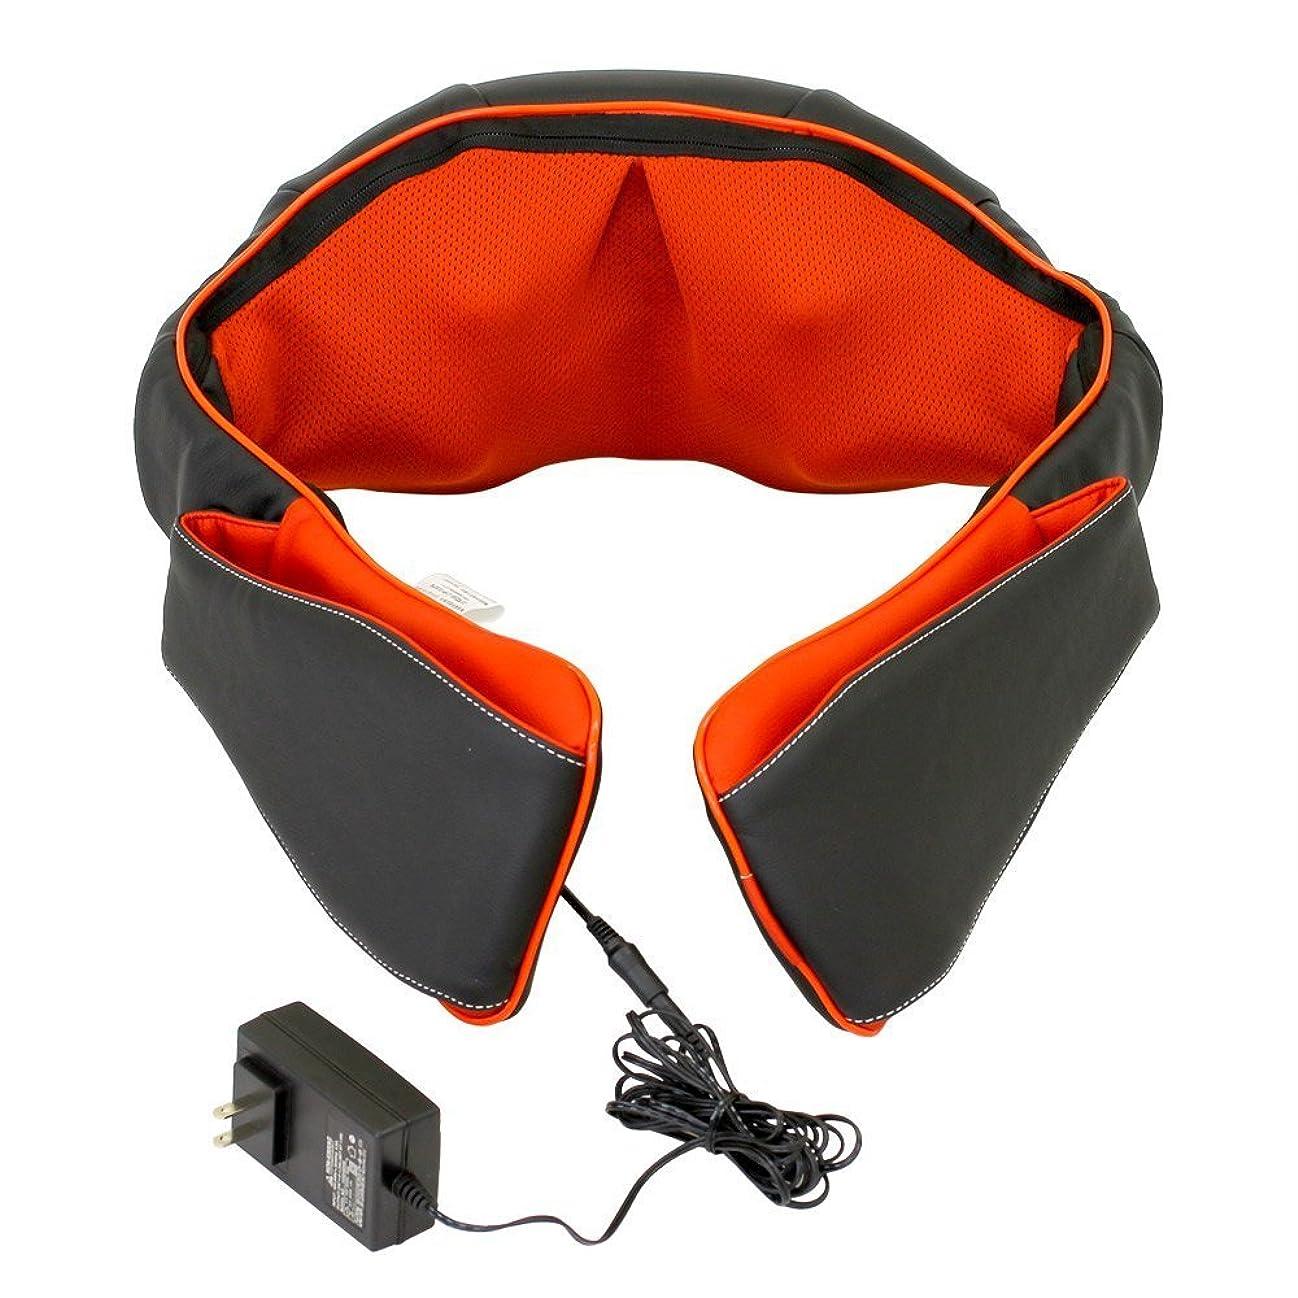 ビザ微視的切断する医療機器認可取得 マッサージ器 ネックマッサー も~む 首?肩?背中?腰 マッサージ機 指圧風もみ玉マッサージ 058356